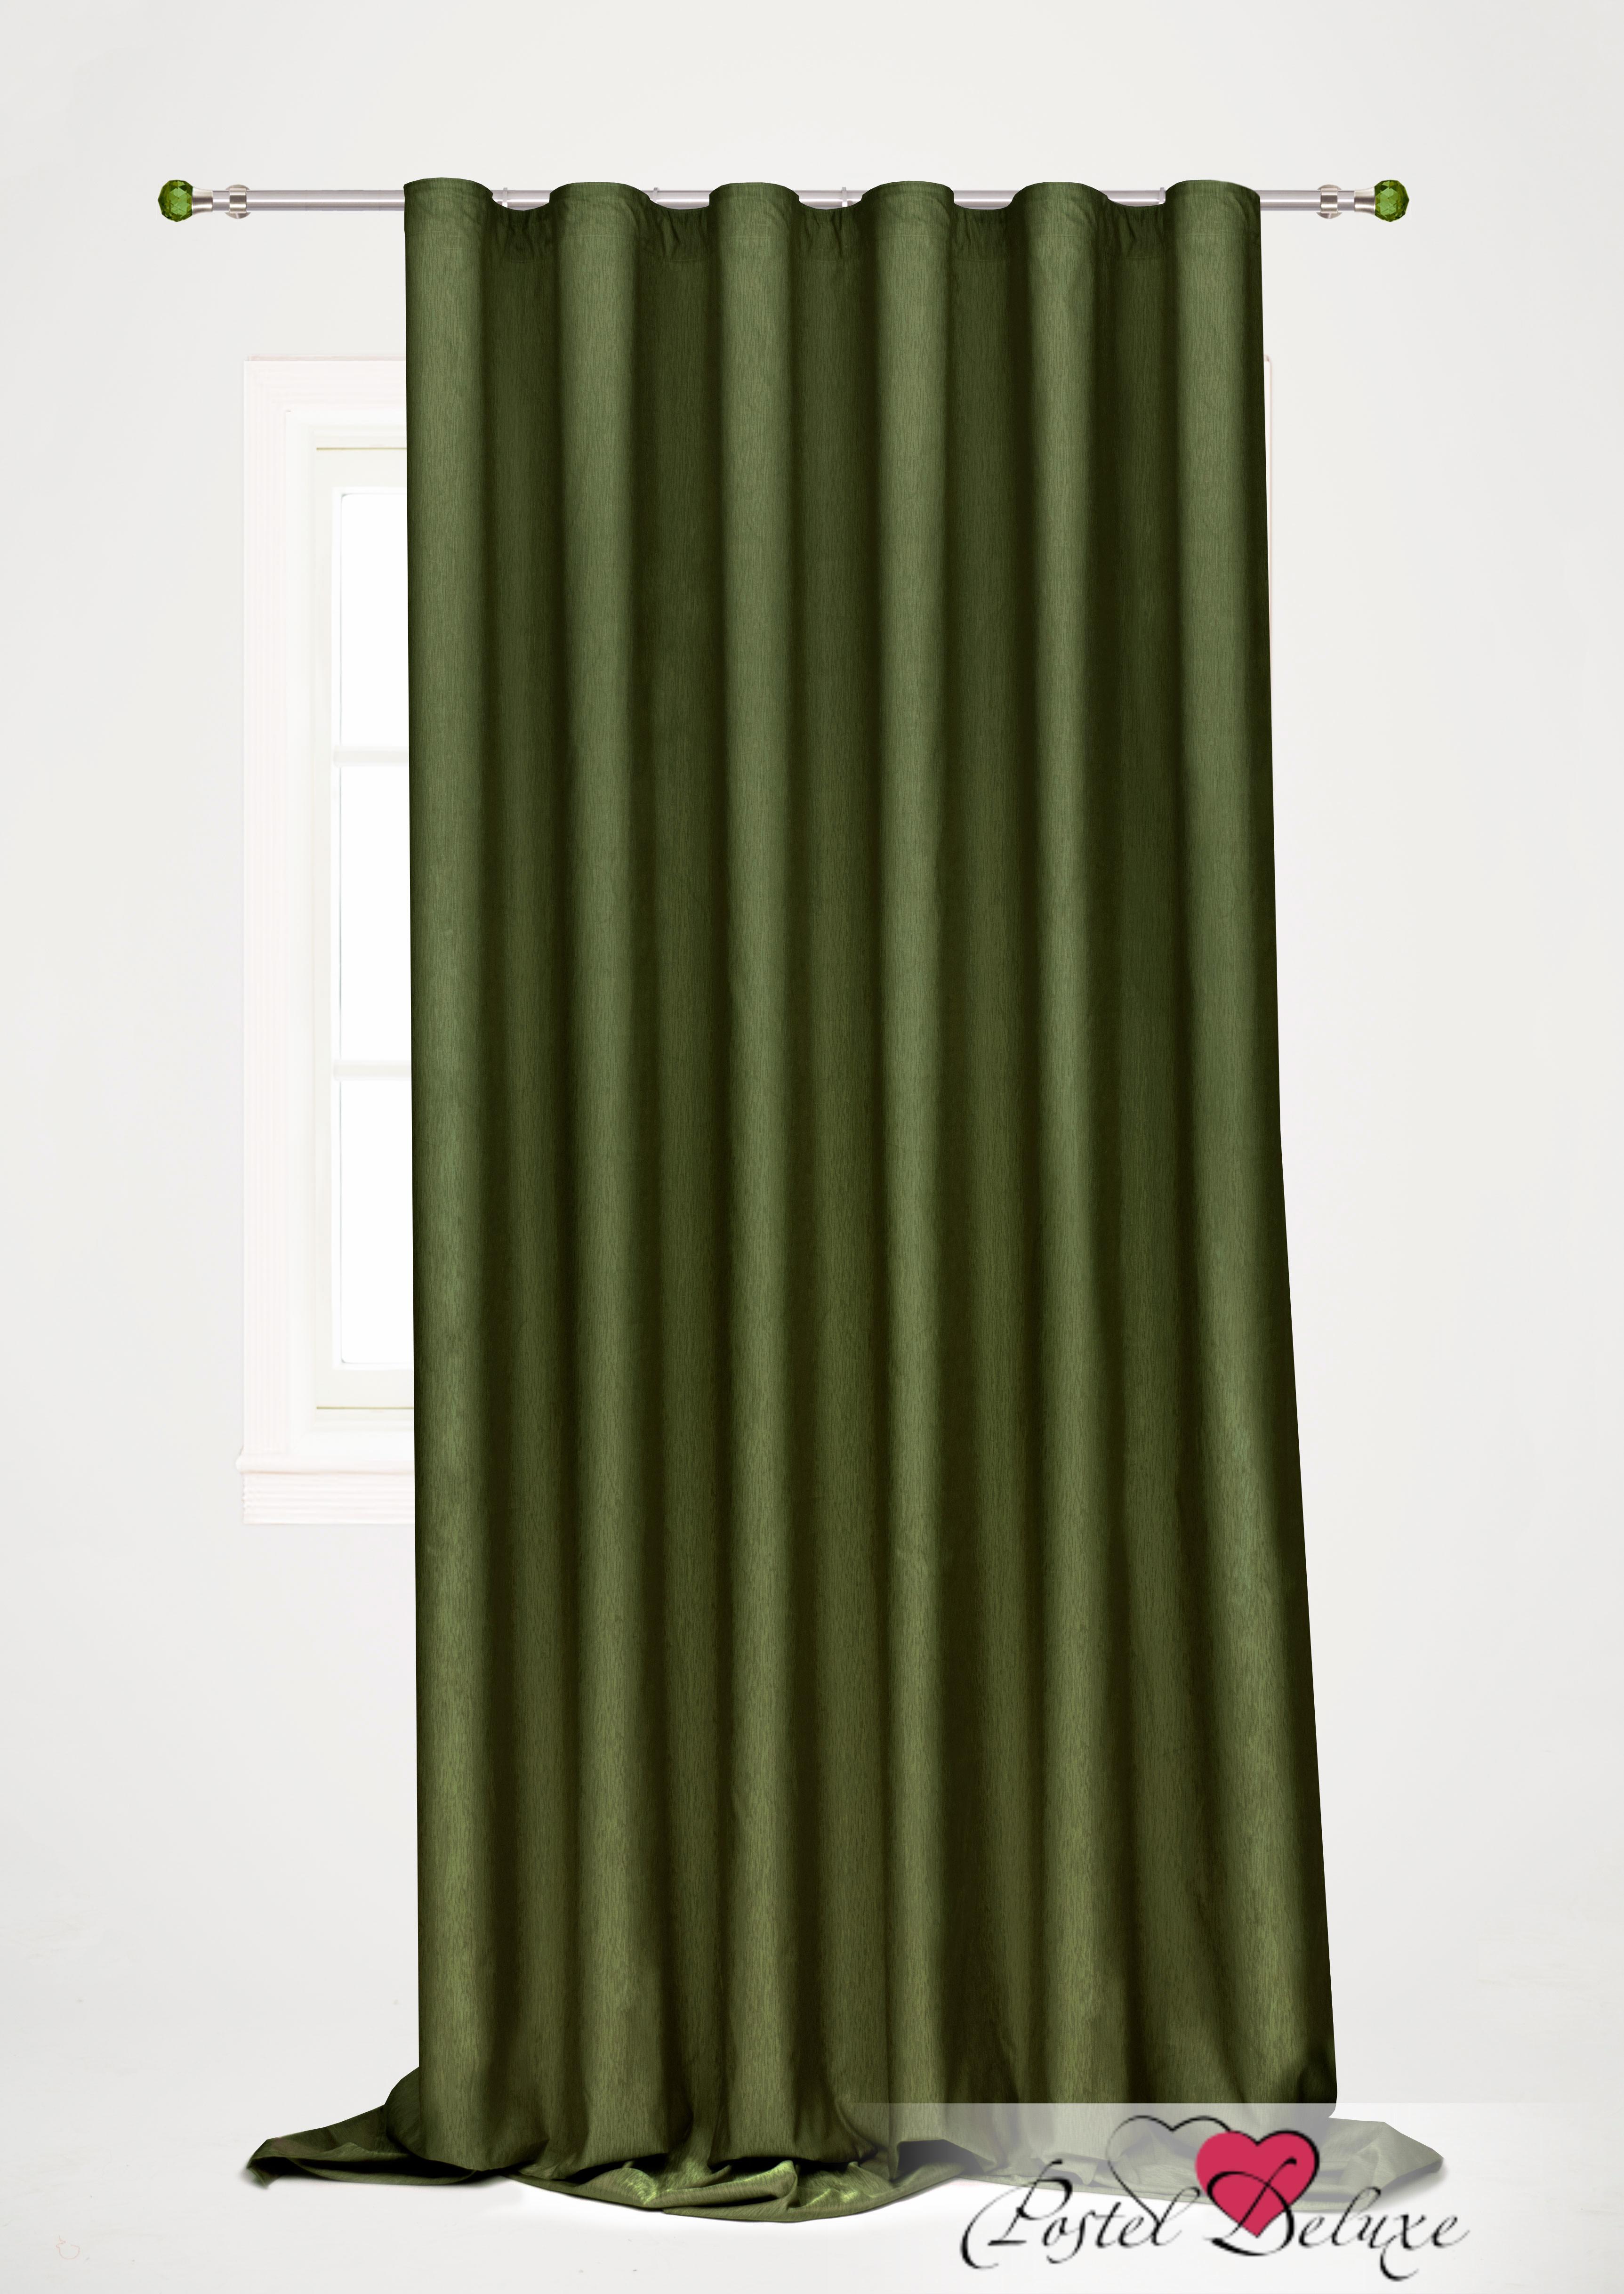 Шторы Garden Классические шторы Хамелеон Цвет: Зеленый шторы tac классические шторы winx цвет персиковый 200x265 см